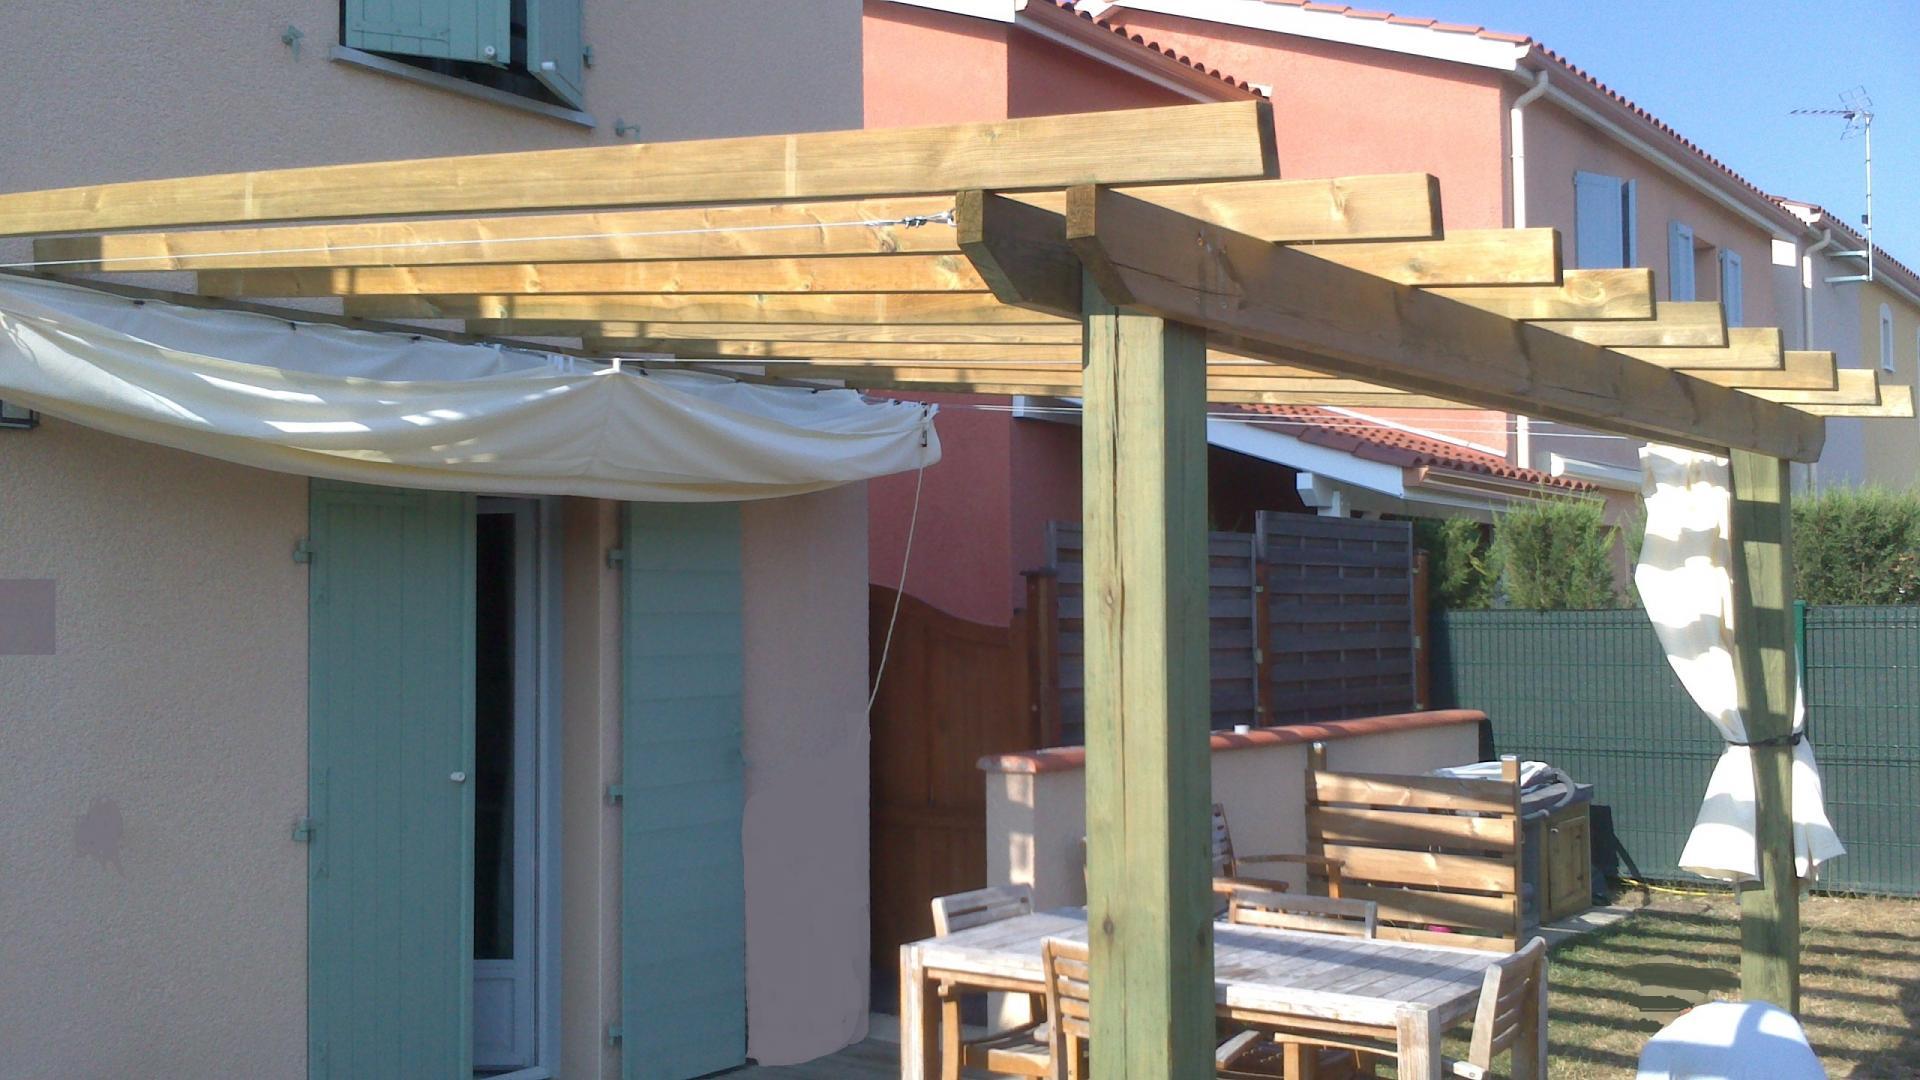 Lensemble Est A Poser Sur Dalle Beton En Place Ou Plots Beton Egalement Contre Une Facade De La Maison Possibilite Dinstallation Sur Demande